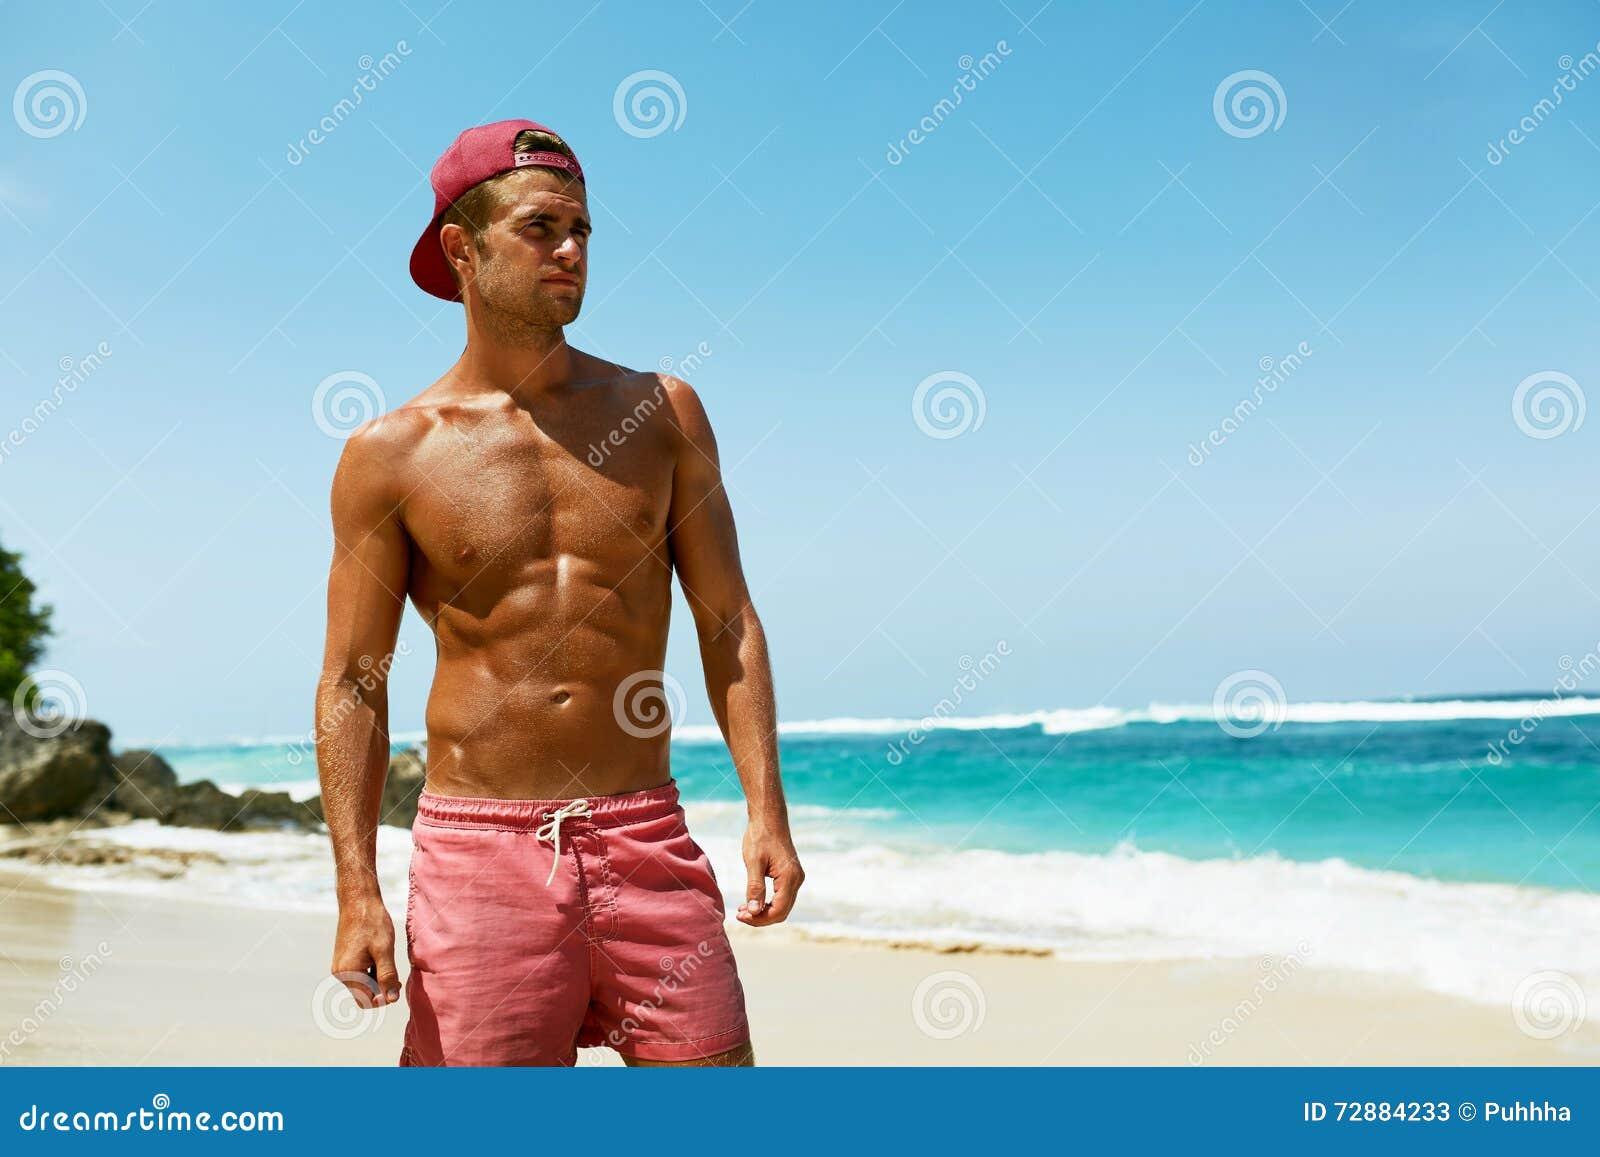 hot-naked-men-relaxing